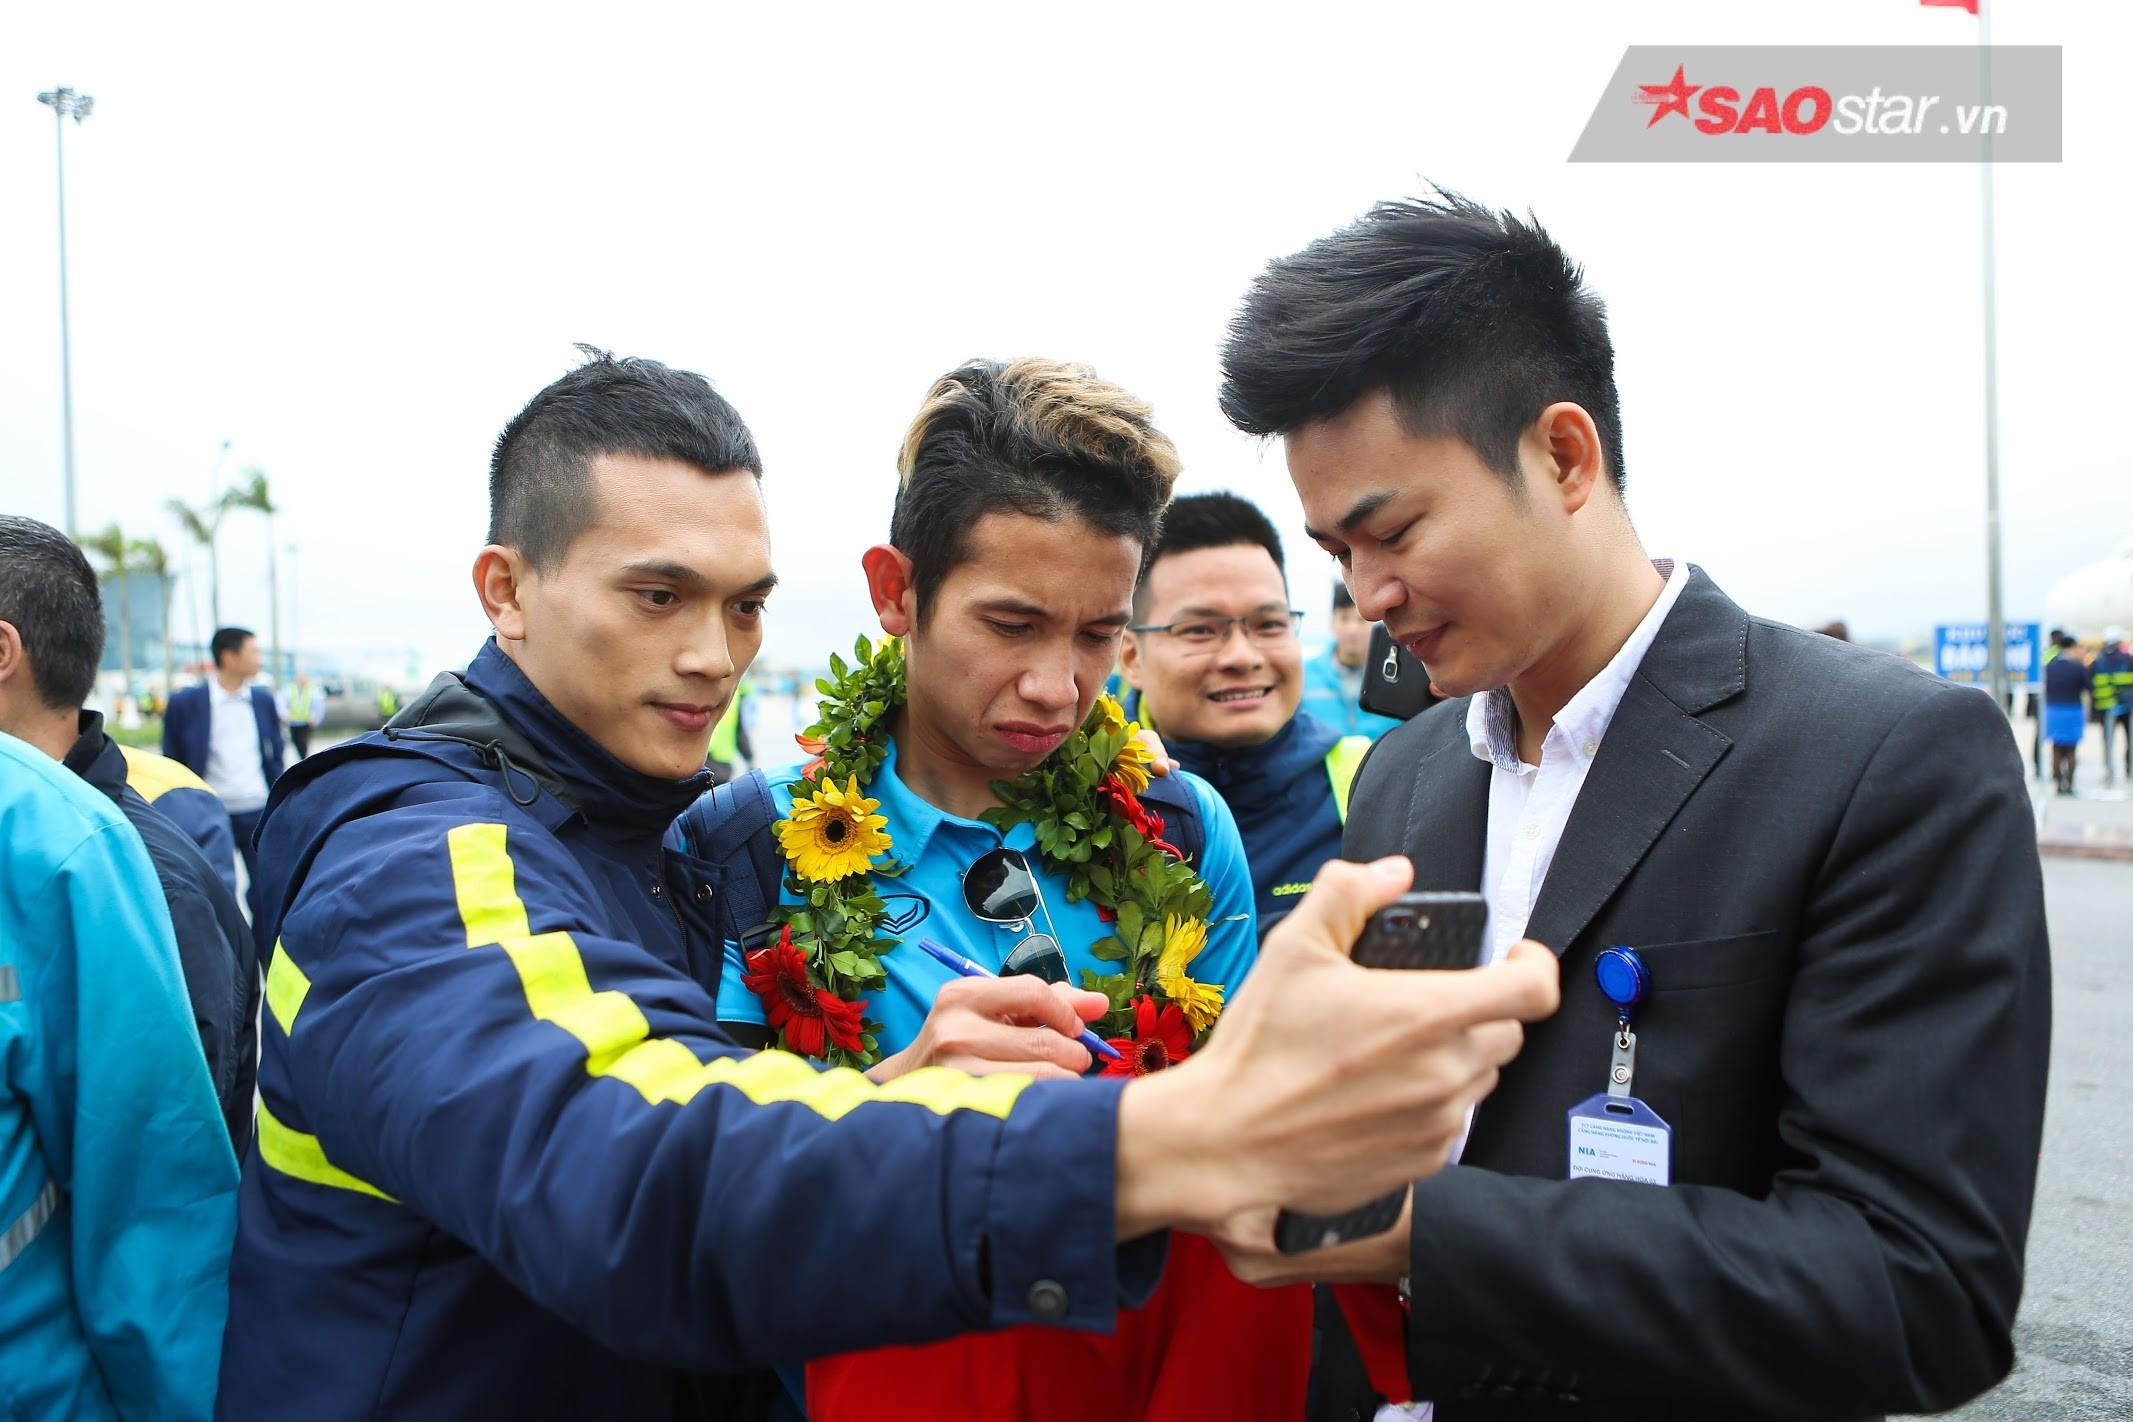 Người hâm mộ vây kín các cầu thủ để xin chữ ký và chụp ảnh.